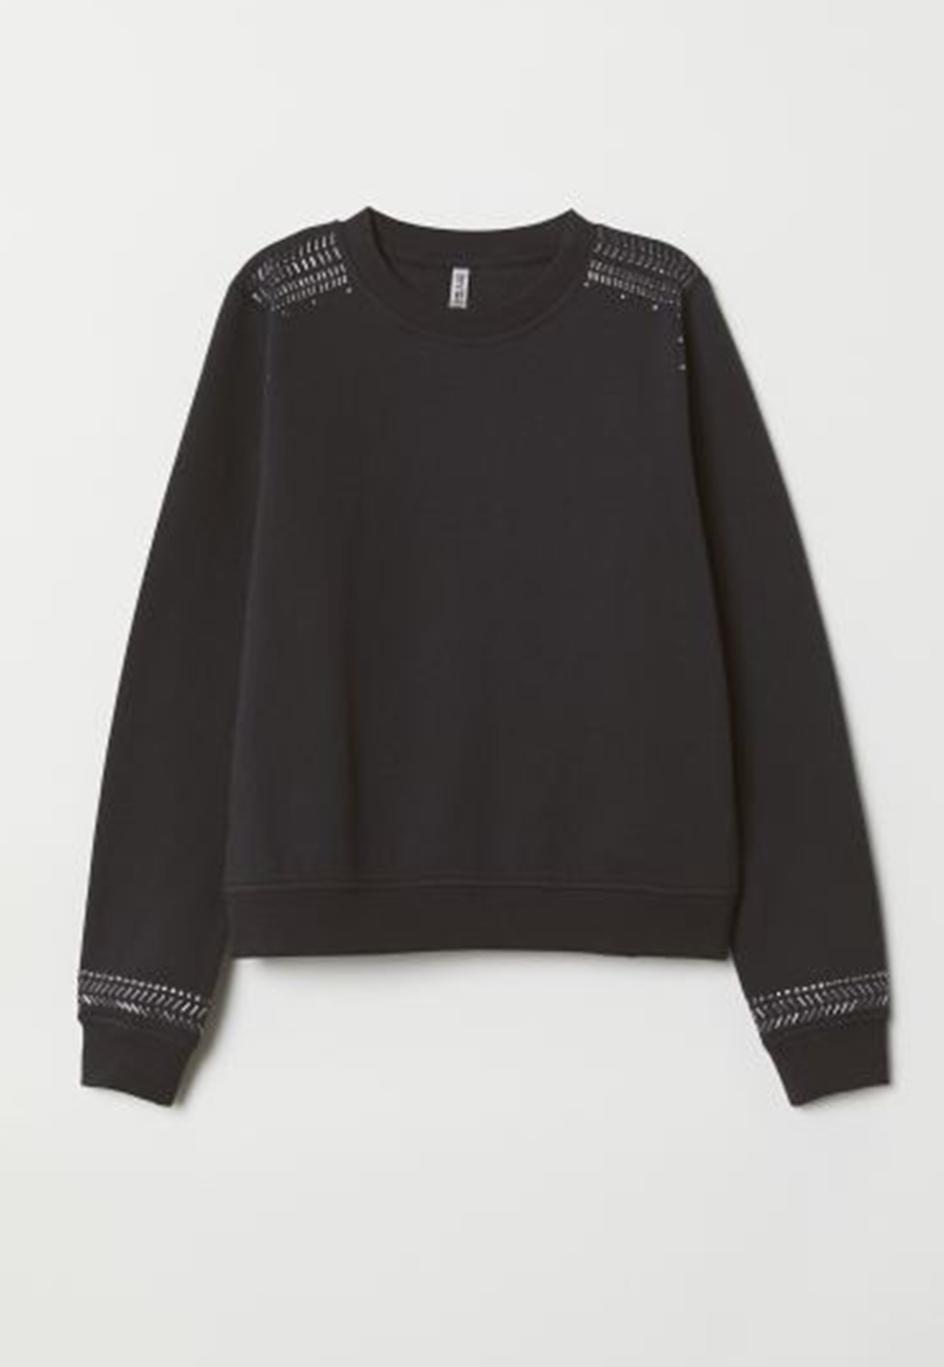 Bluza damska Adidas Zalando 28. 02. 2020 15. 03. 2020